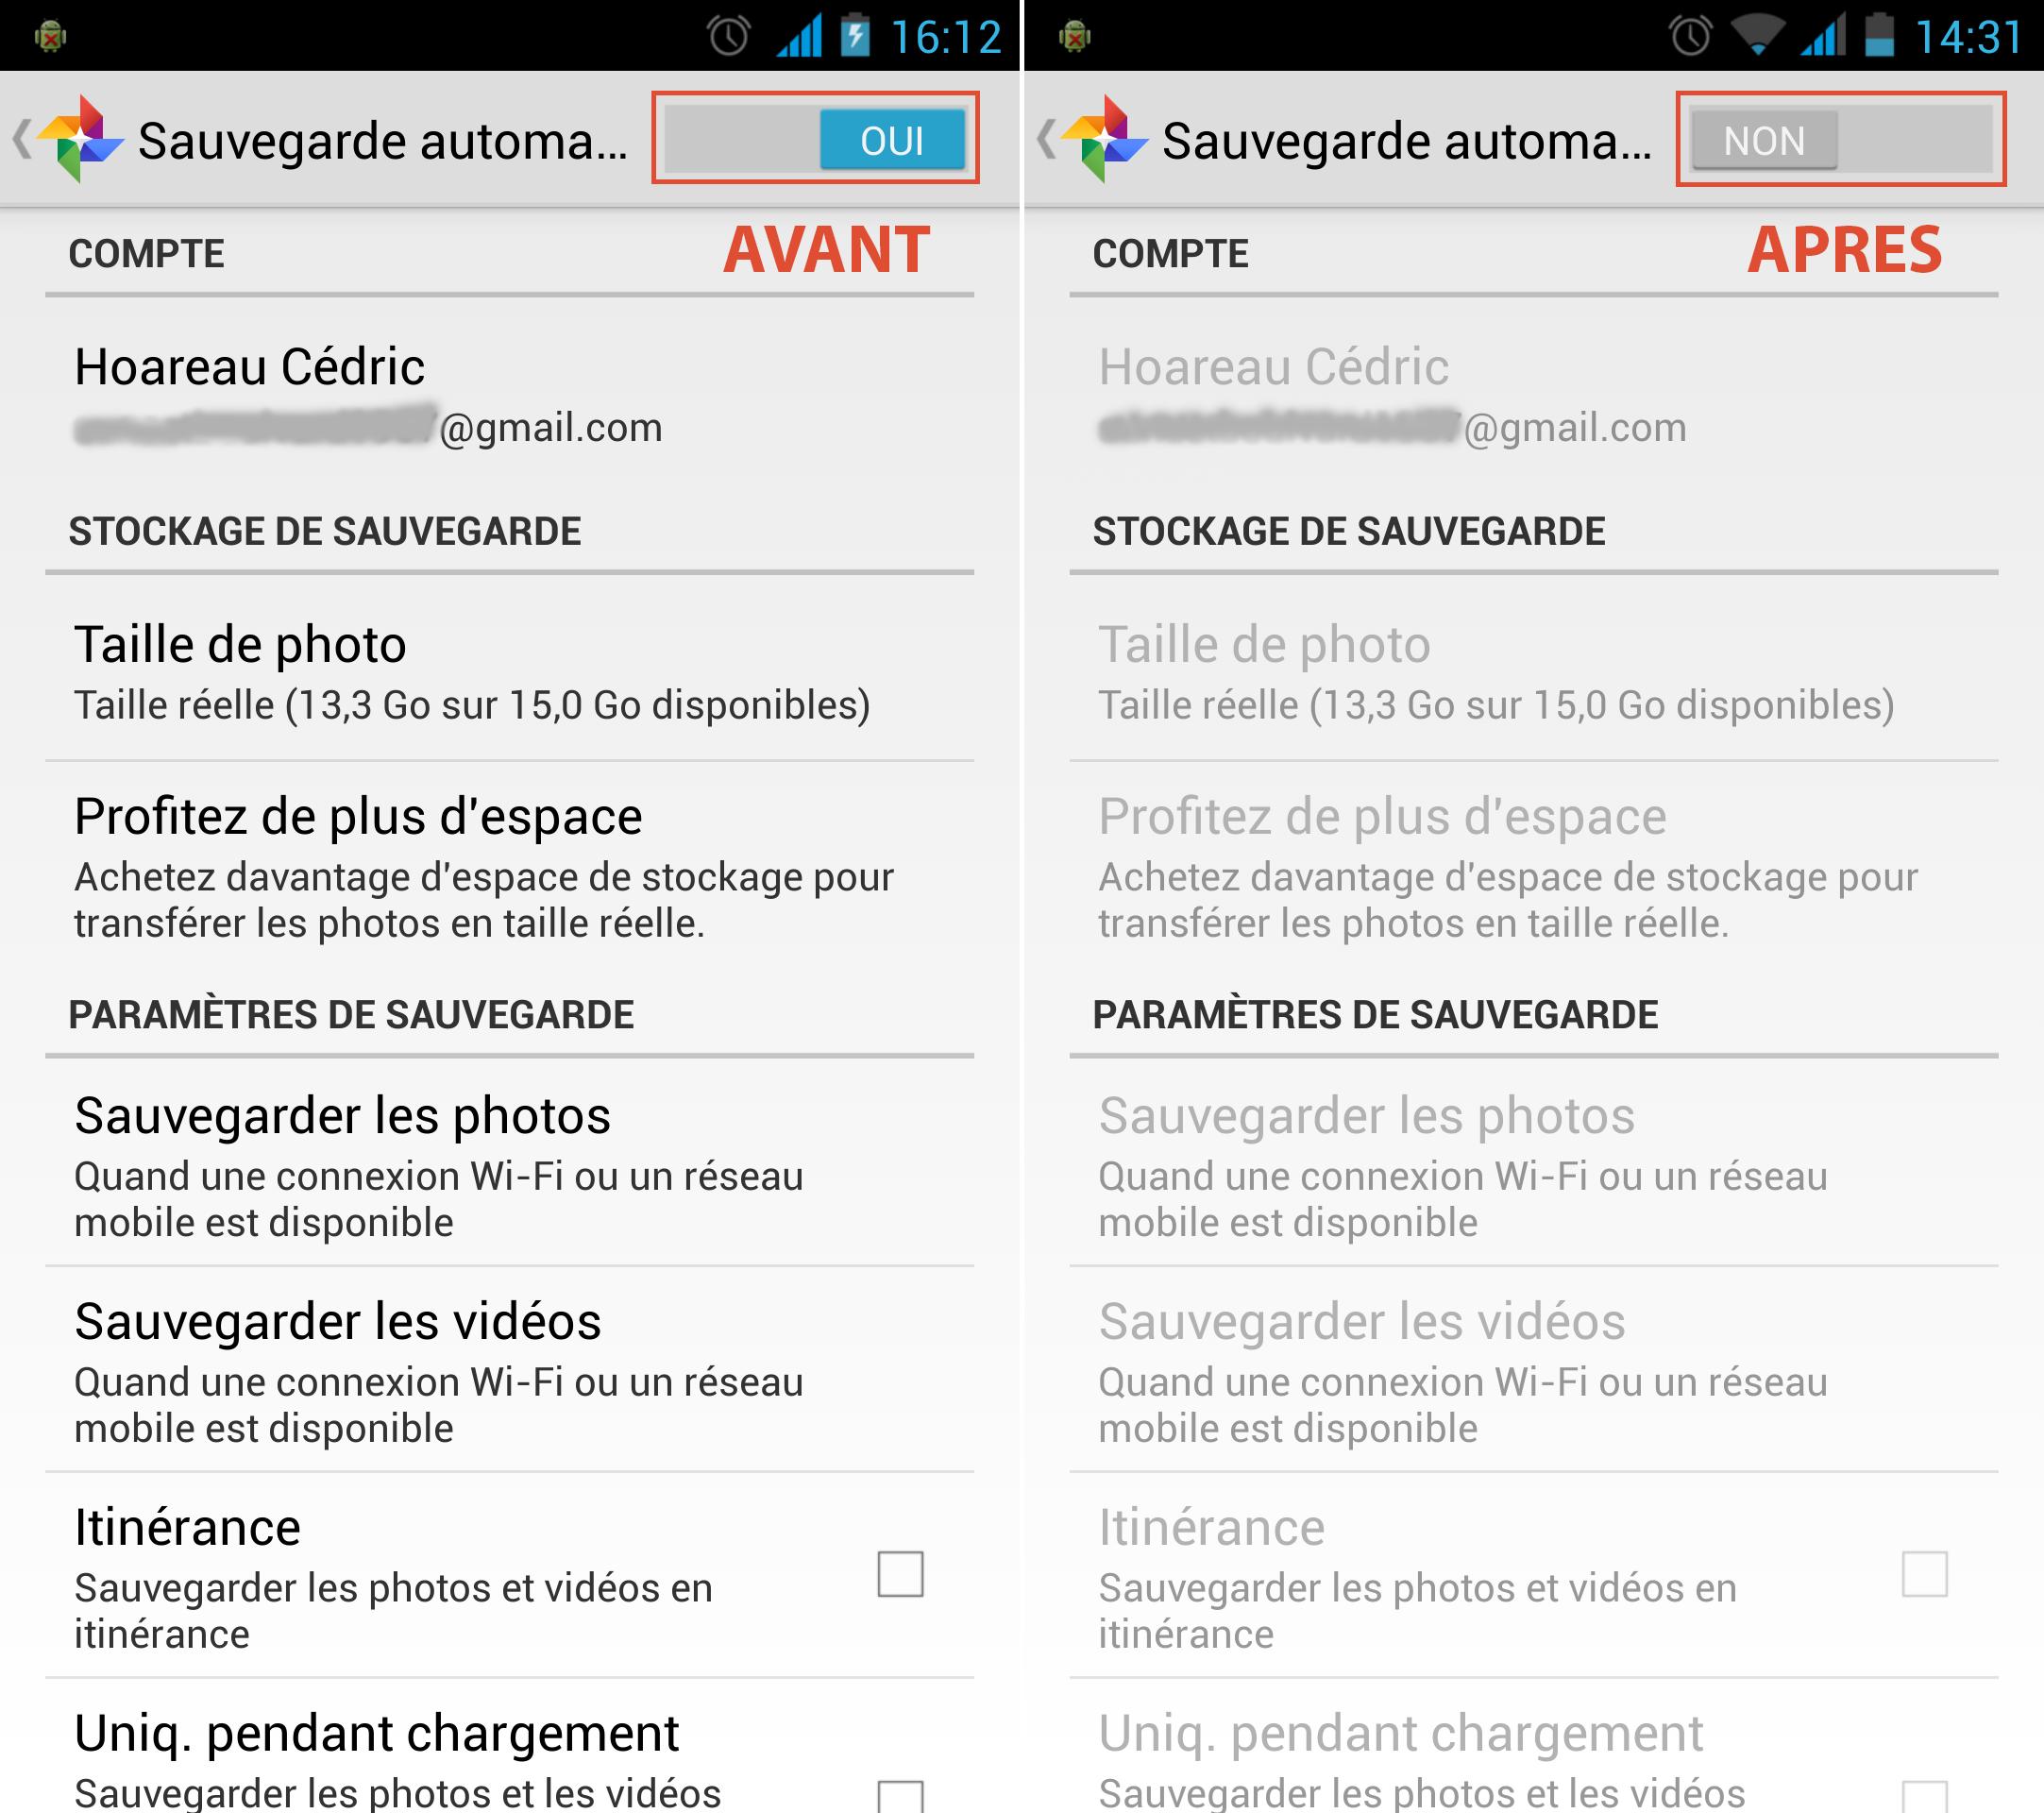 Sauvegarde automatique Google+